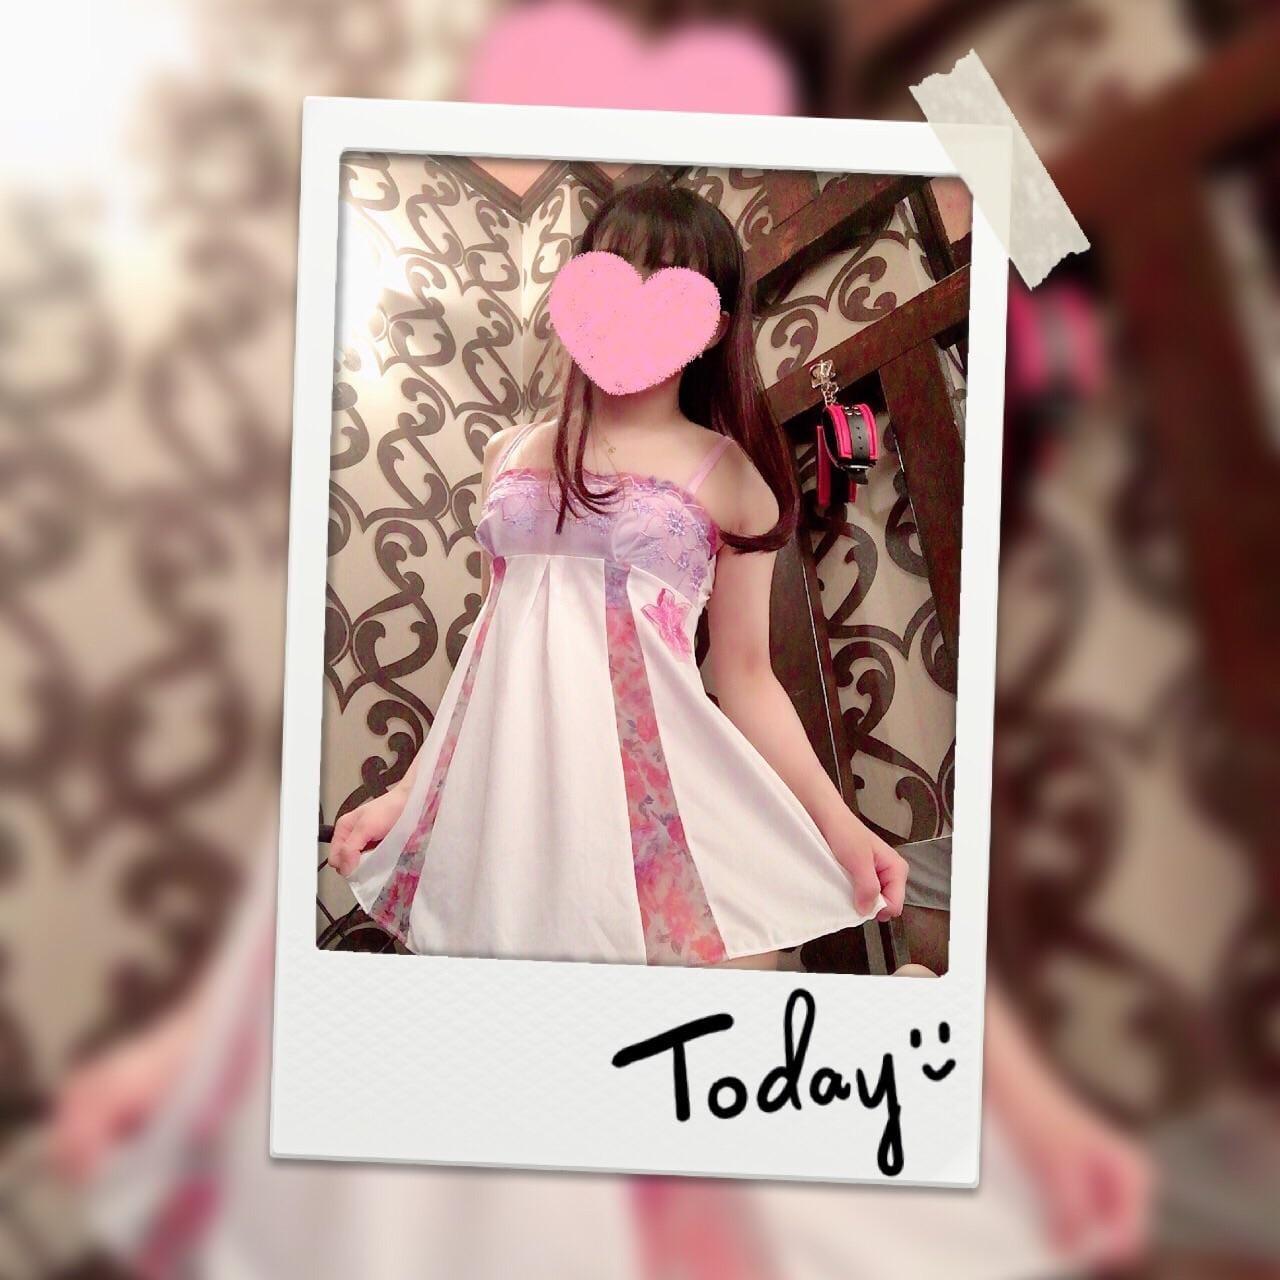 「おはようございます(*^^*)」05/23(05/23) 09:01 | ゆめかの写メ・風俗動画